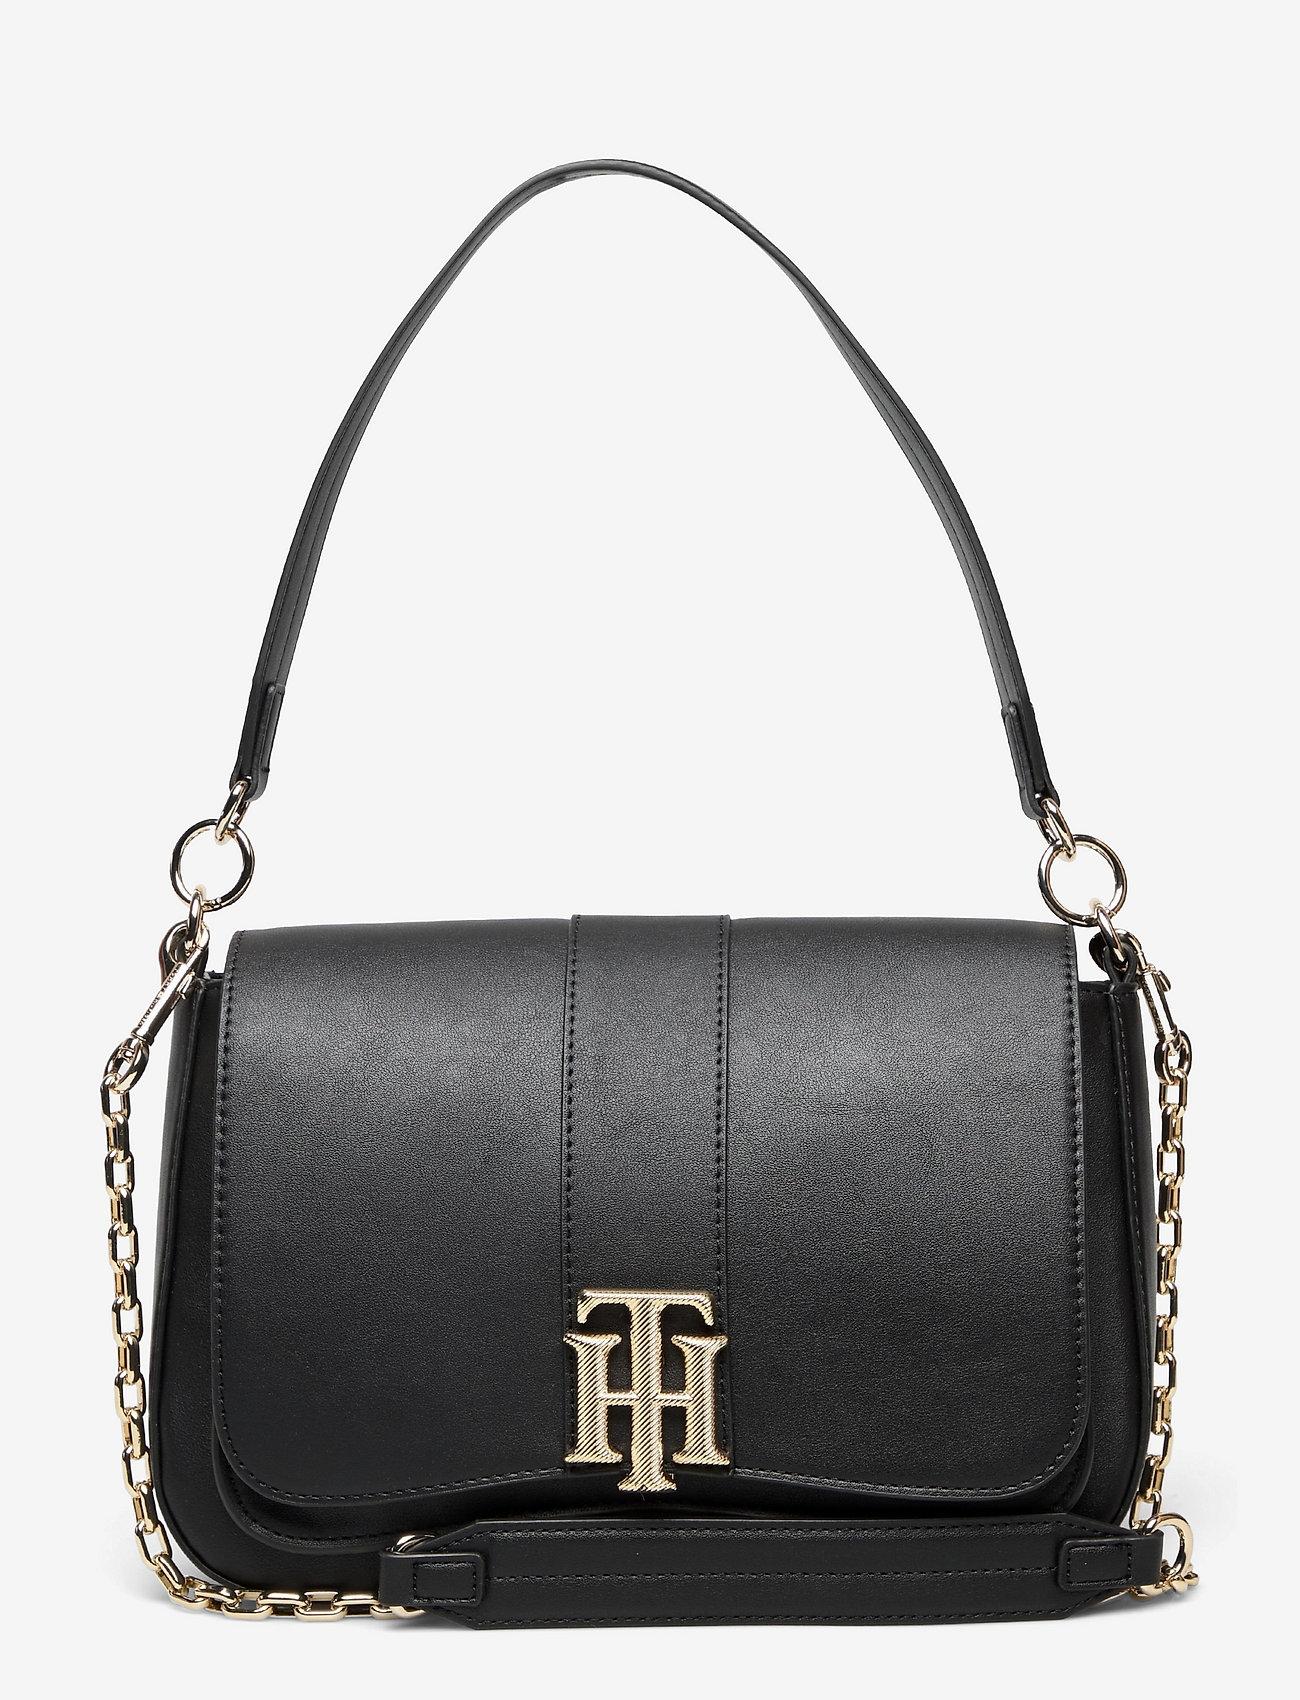 Tommy Hilfiger - TH LOCK SATCHEL - shoulder bags - black - 0